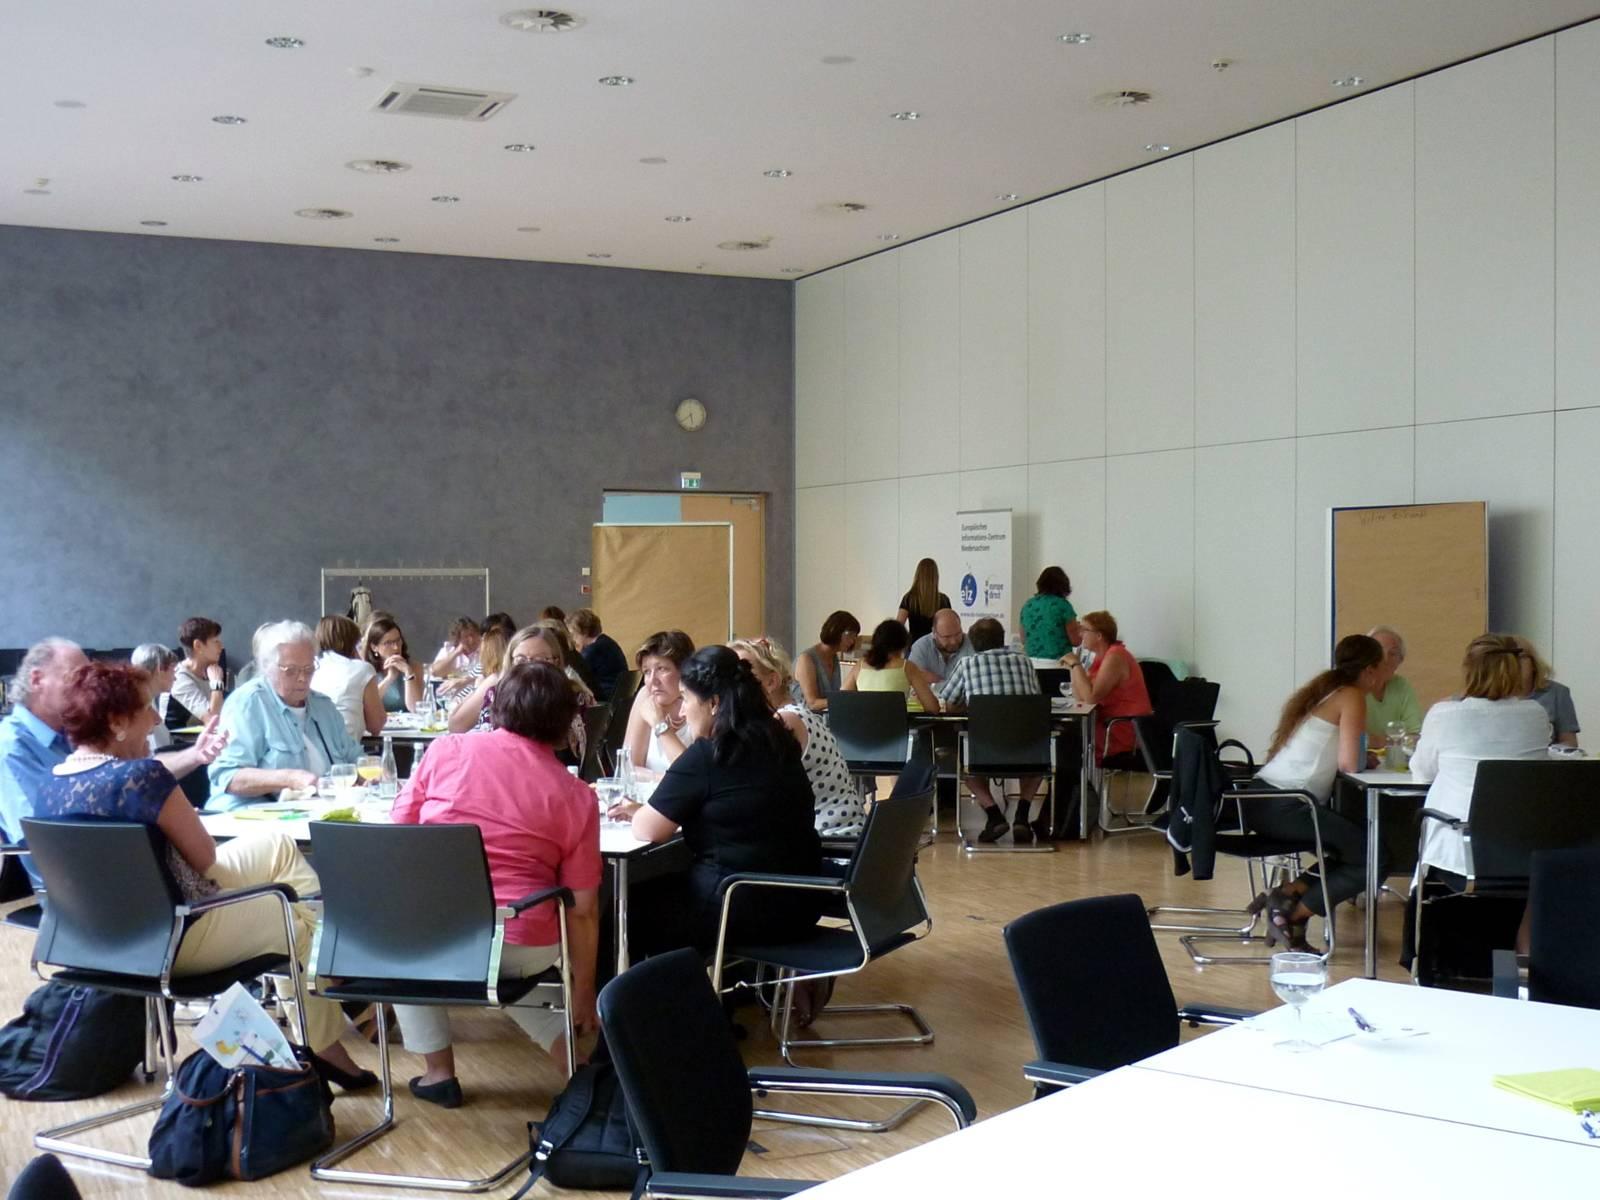 Sitzungsraum mit vielen Menschen die an Gruppentischen sitzen.